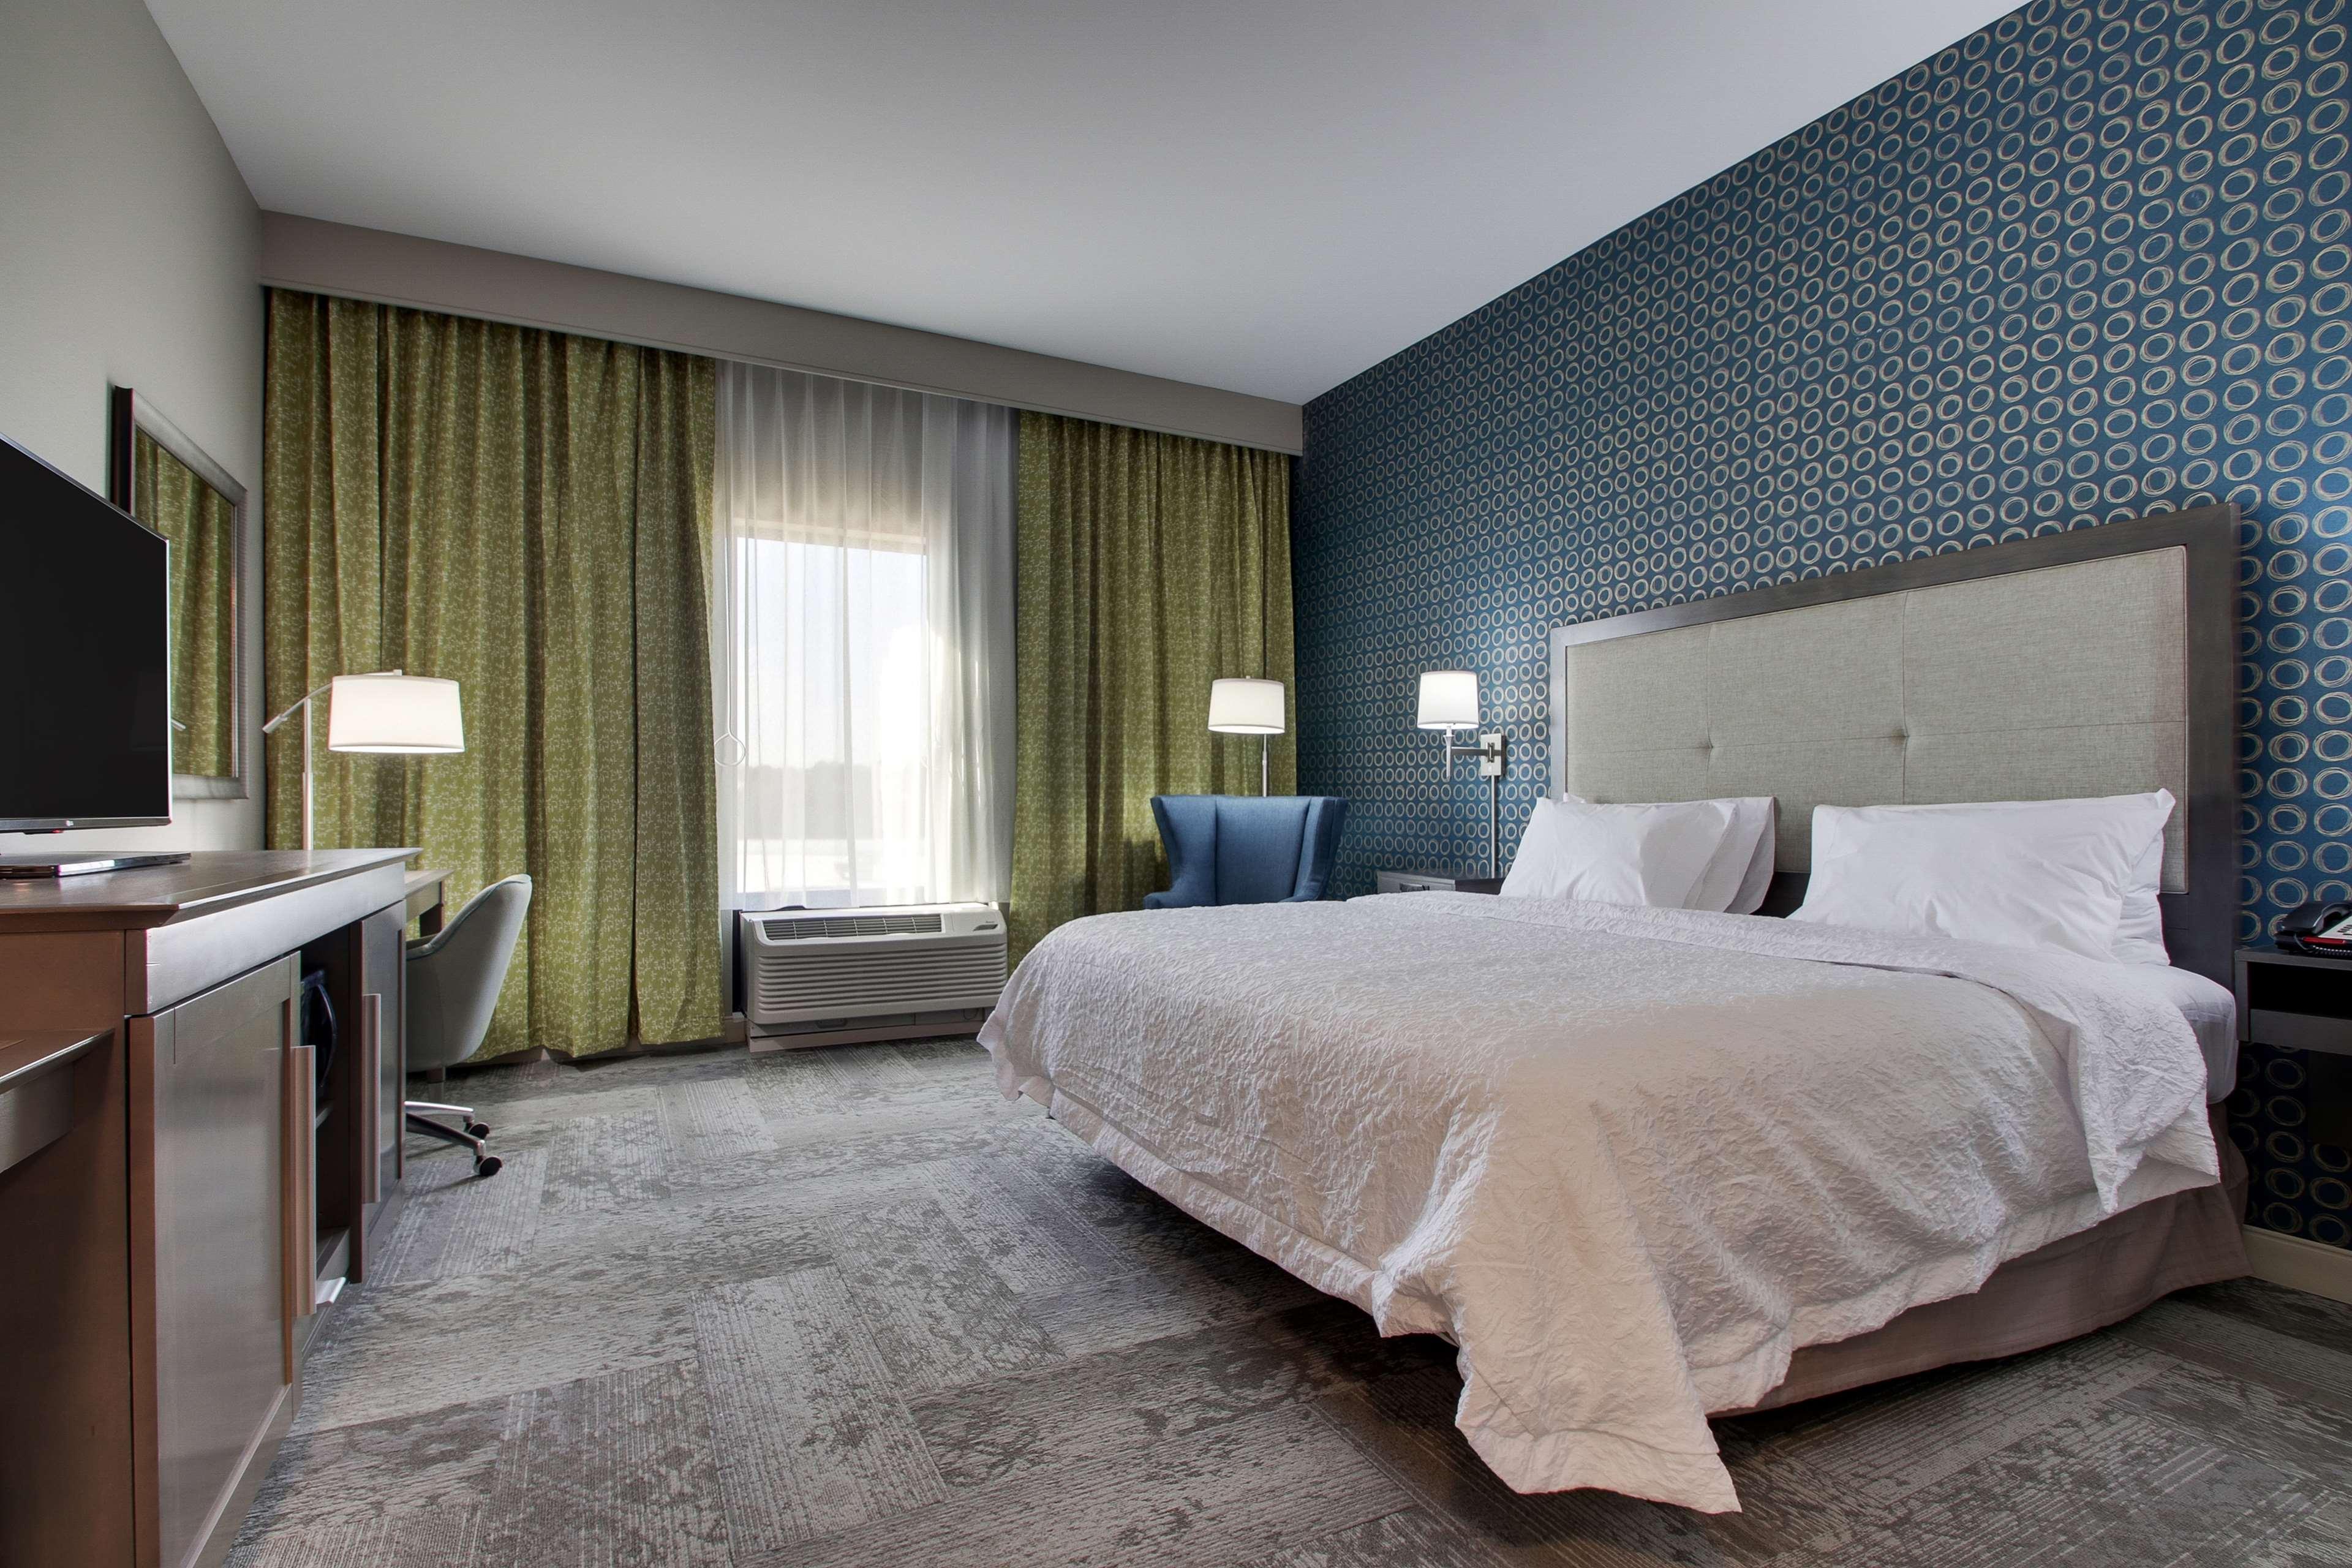 Hampton Inn & Suites Knightdale Raleigh image 16